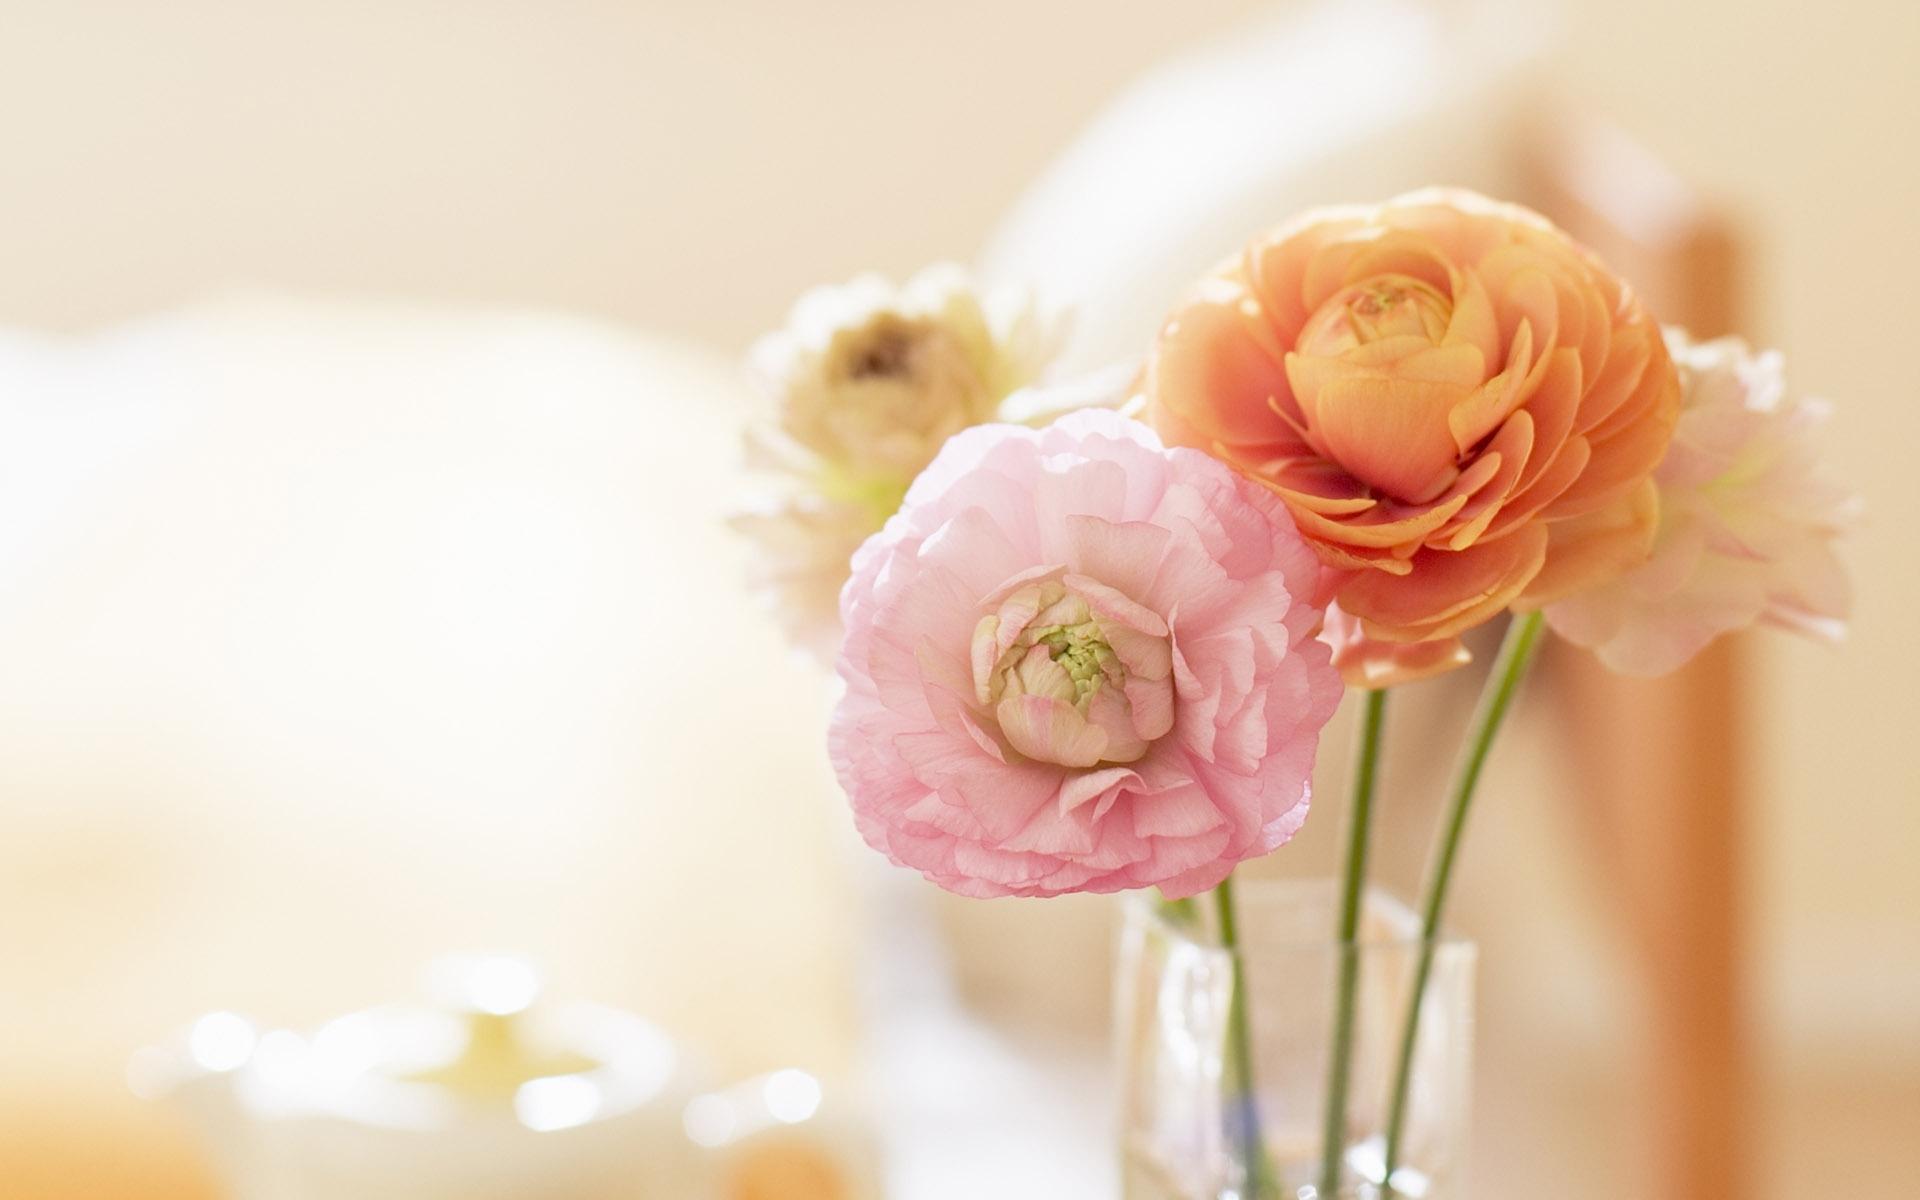 49048 скачать обои Растения, Цветы - заставки и картинки бесплатно